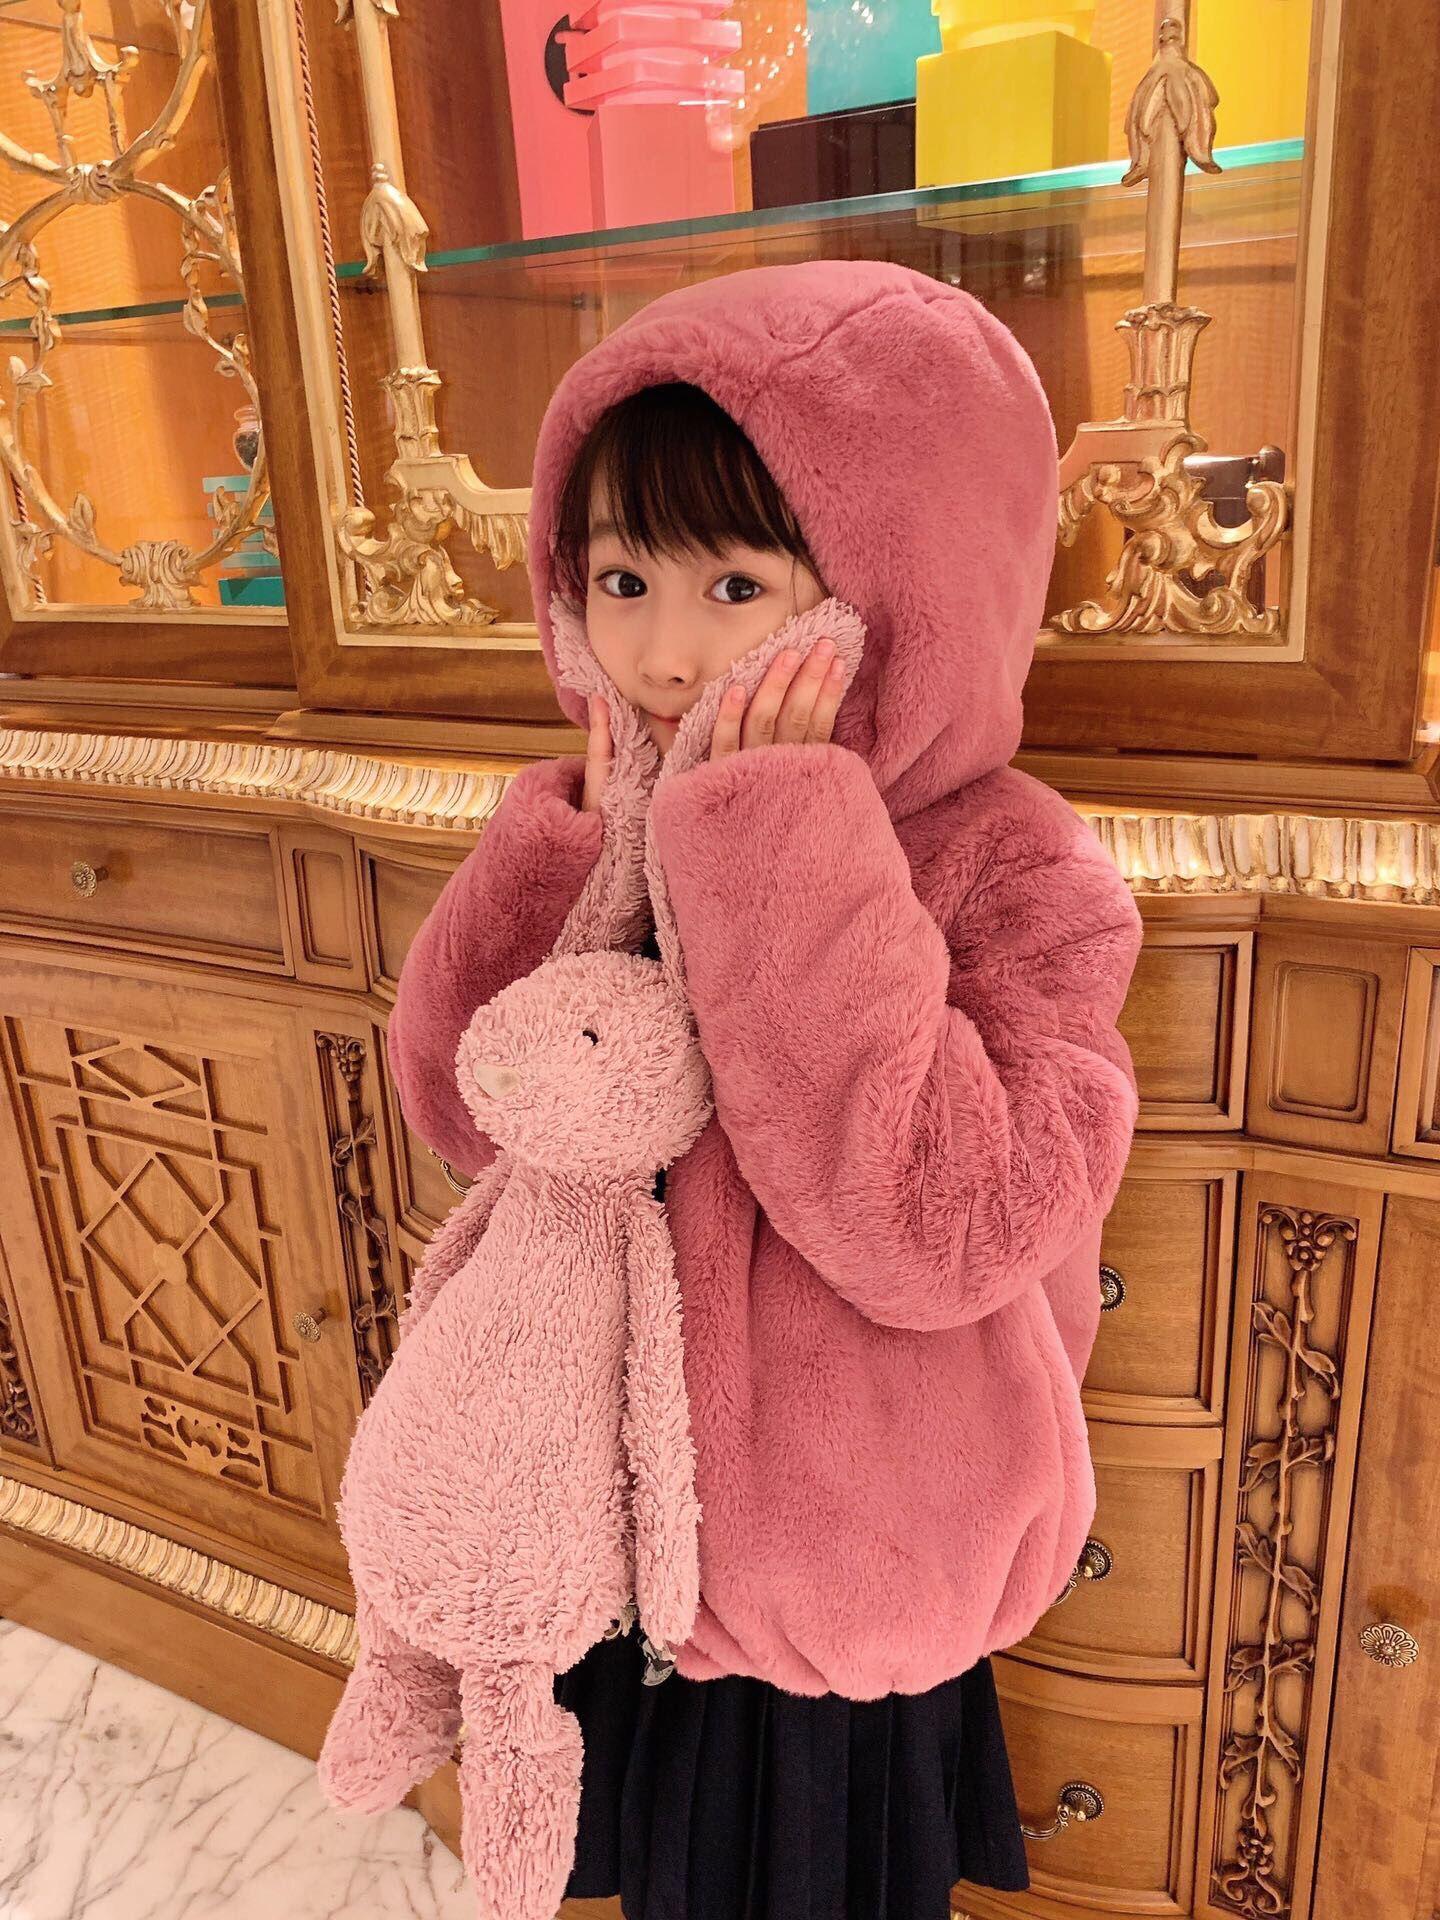 Children Plus Velvet Parkas Double-sided Wear Children's Clothing Boys girls Coats Winter 2020 Boys girls Winter Jacket